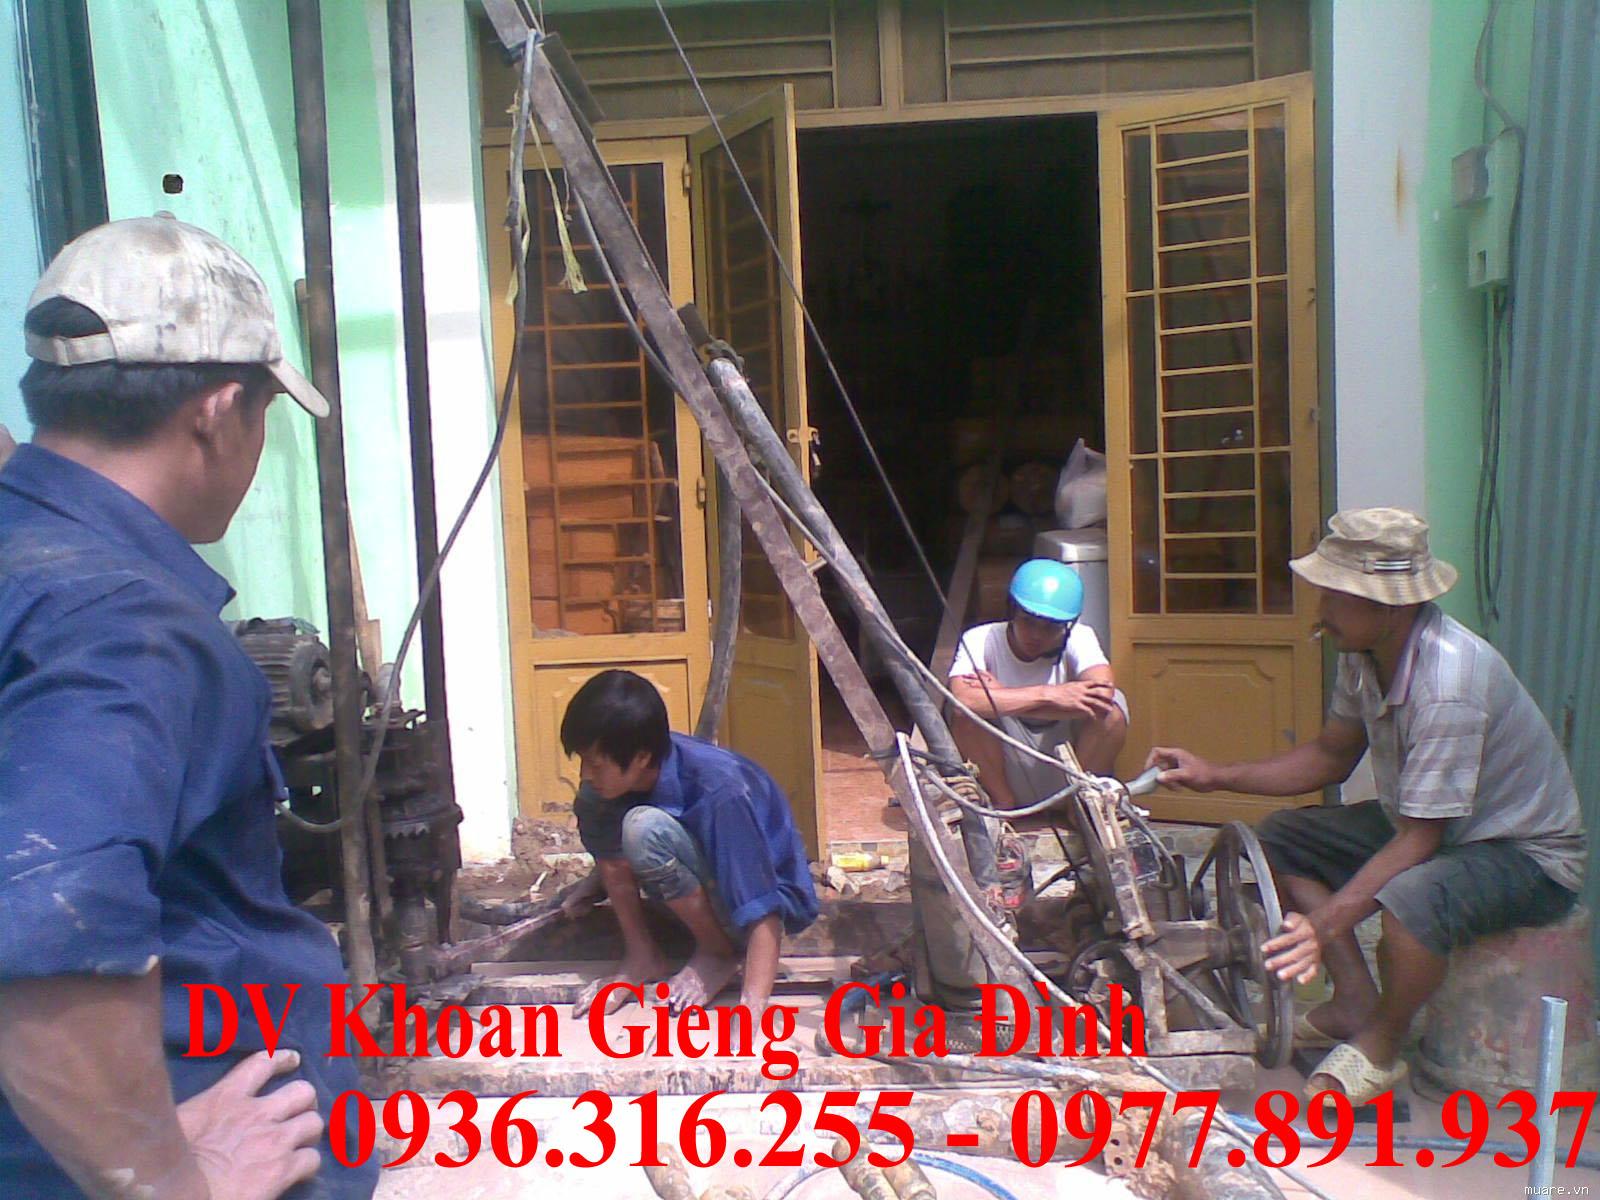 Khoan giếng gia đình tại huyện Mê Linh